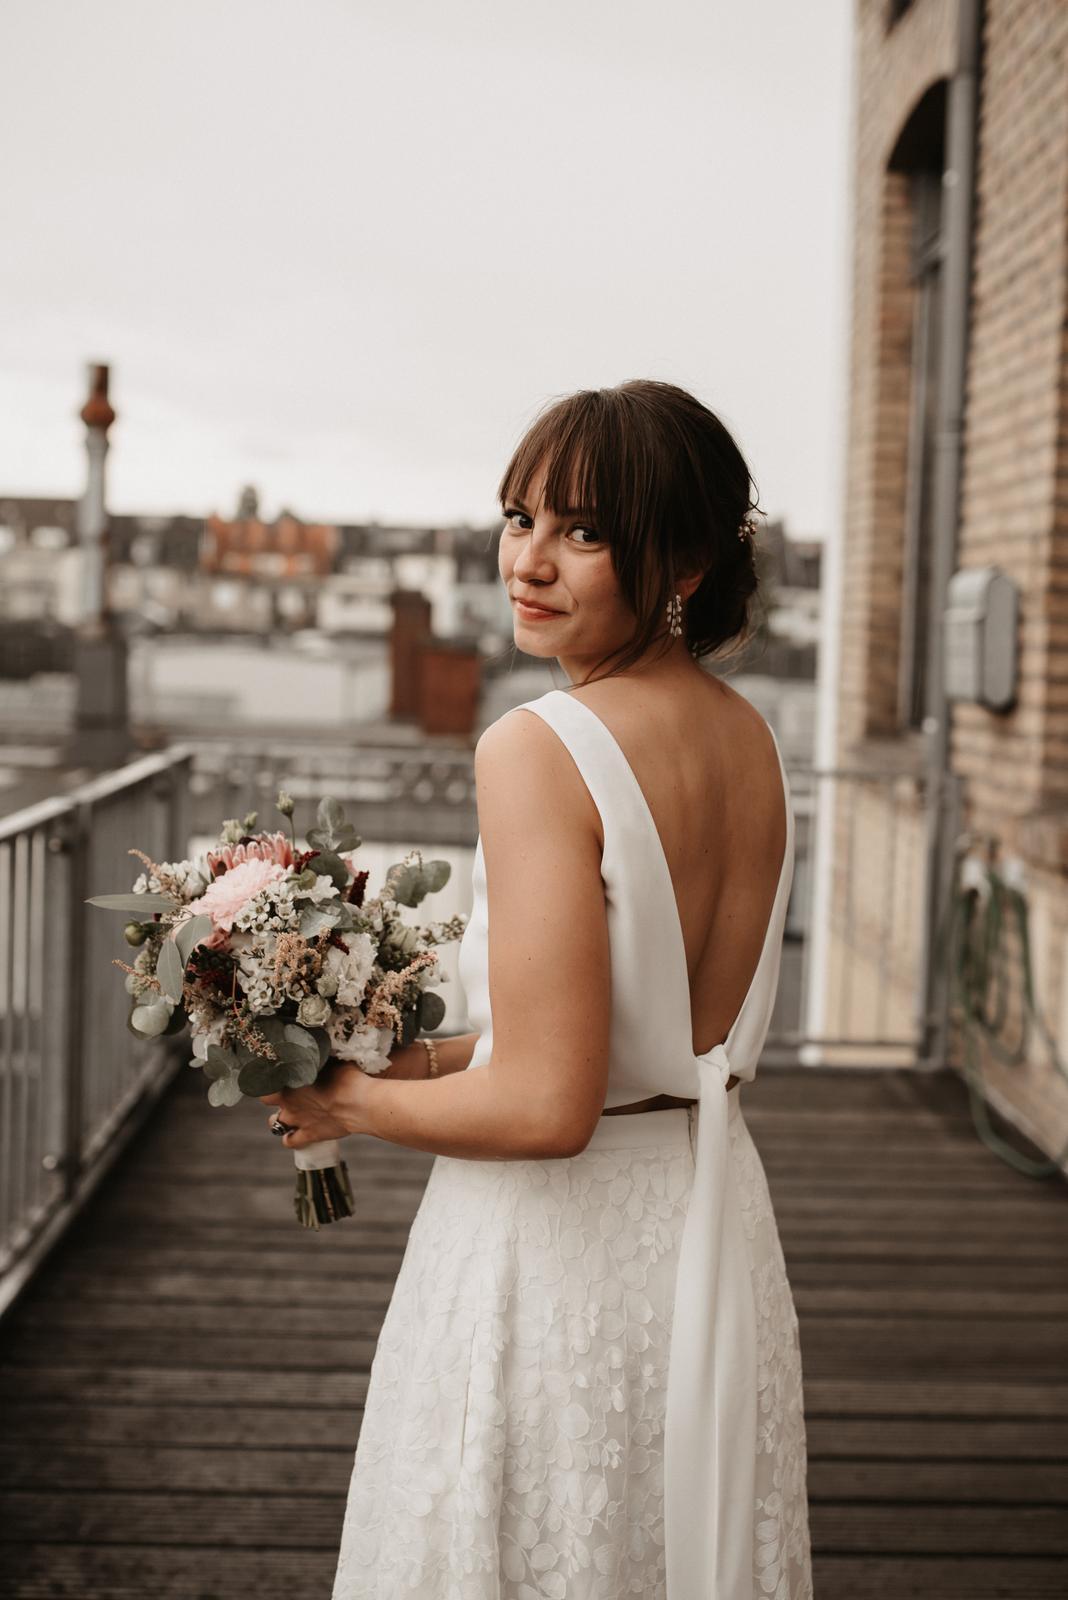 Hochzeitslocation, Braut mit Brautstrauss auf Balkon, Rückenansicht